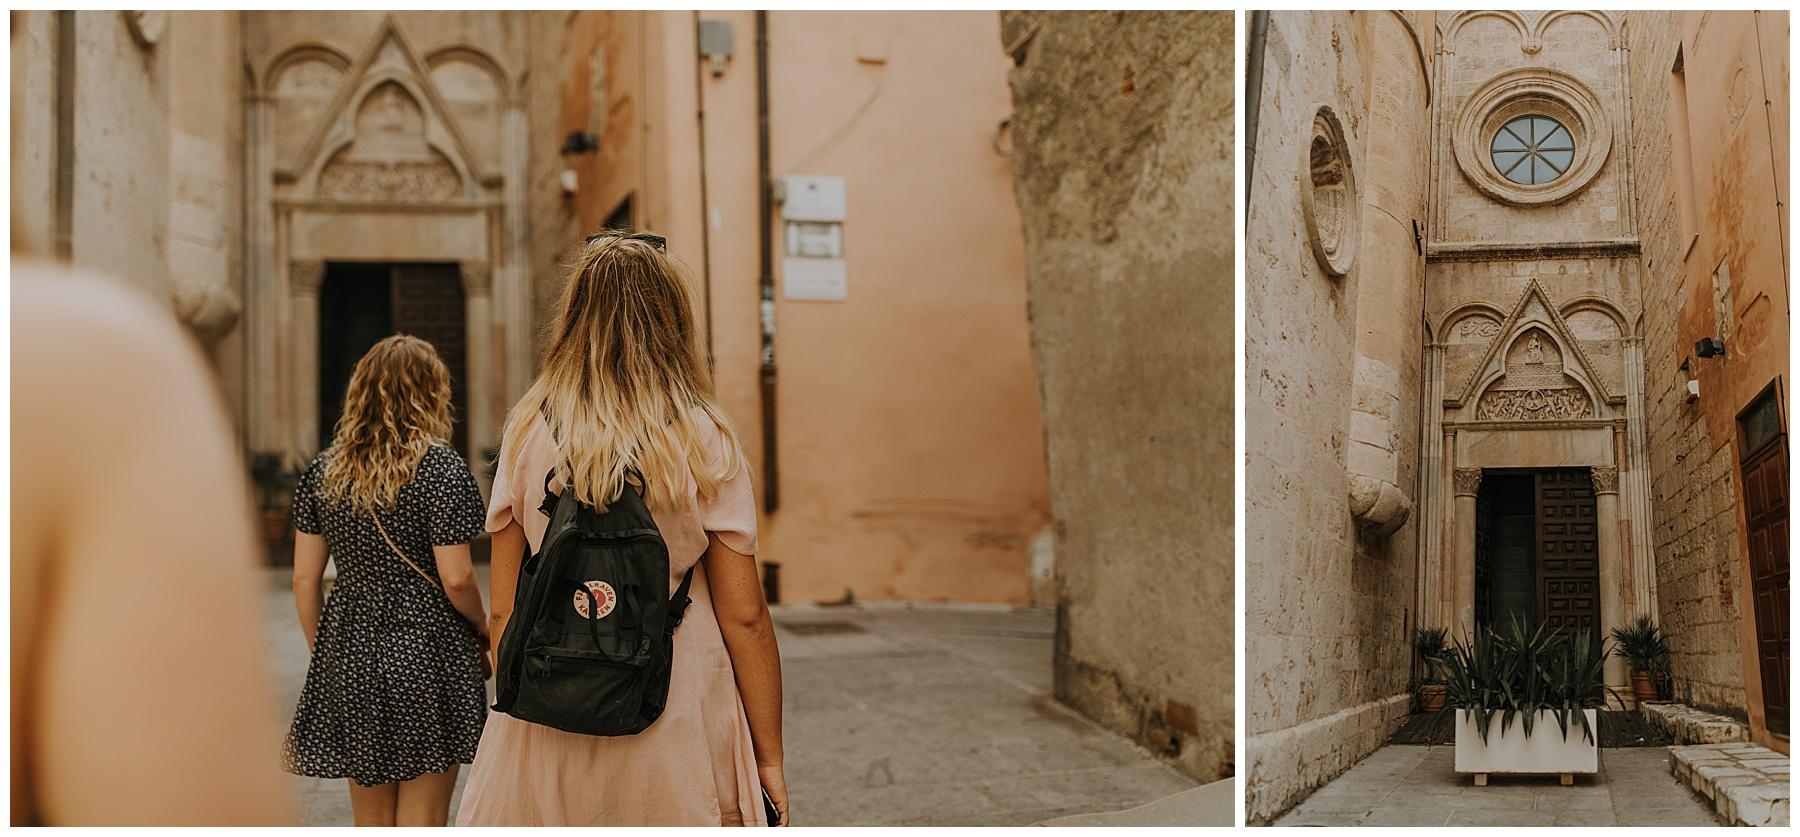 girls walk down a street